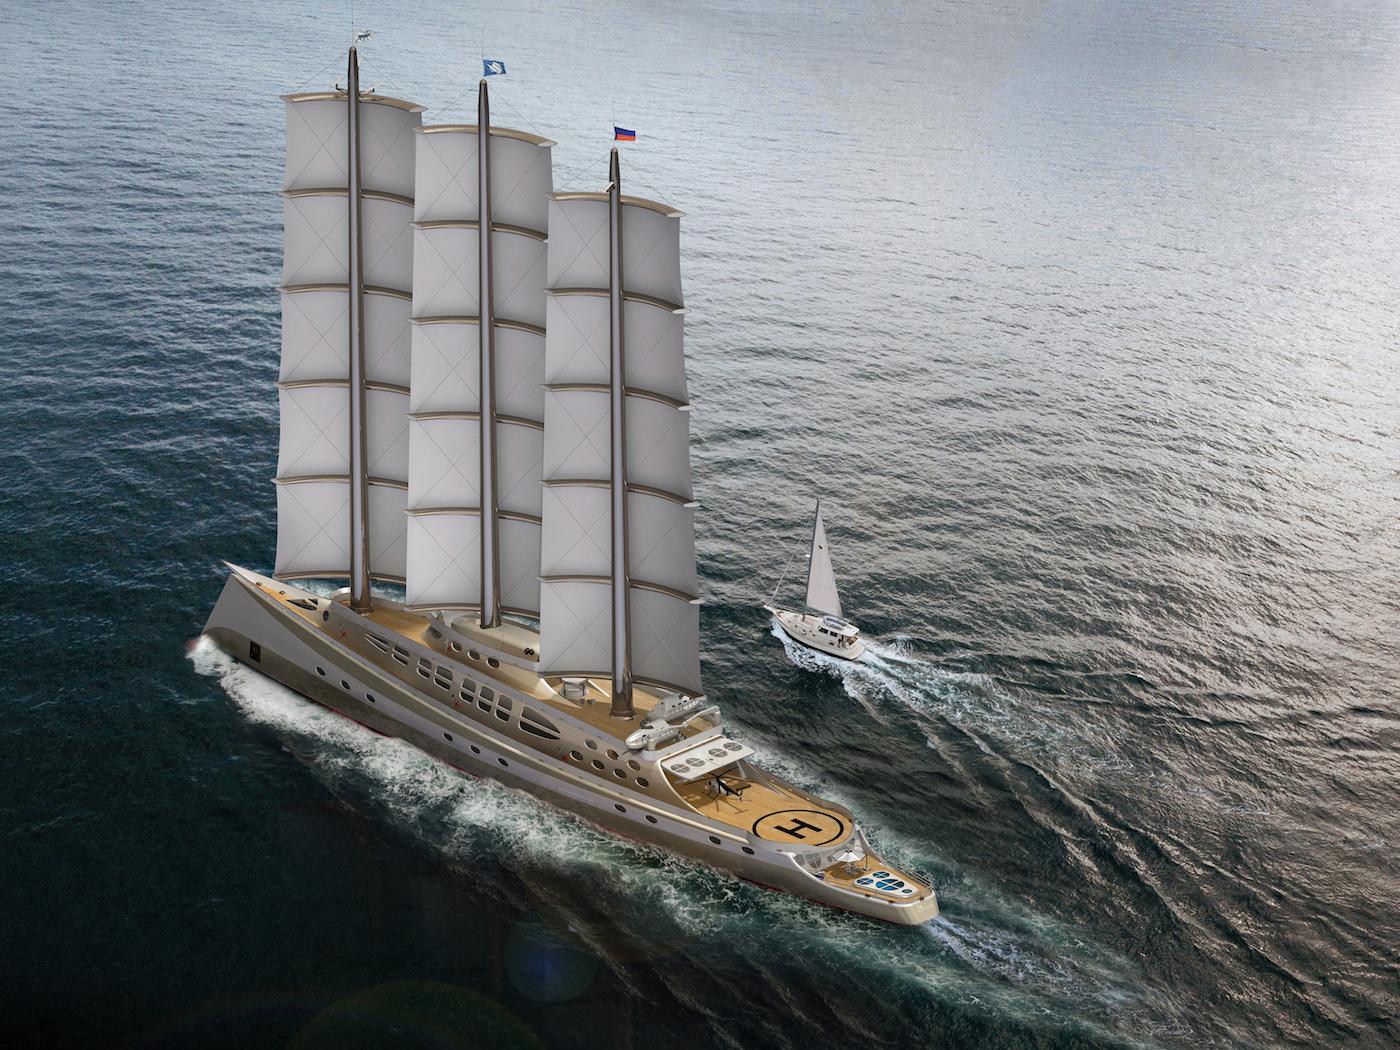 CARIBU sailing yacht by Steve Kozloff